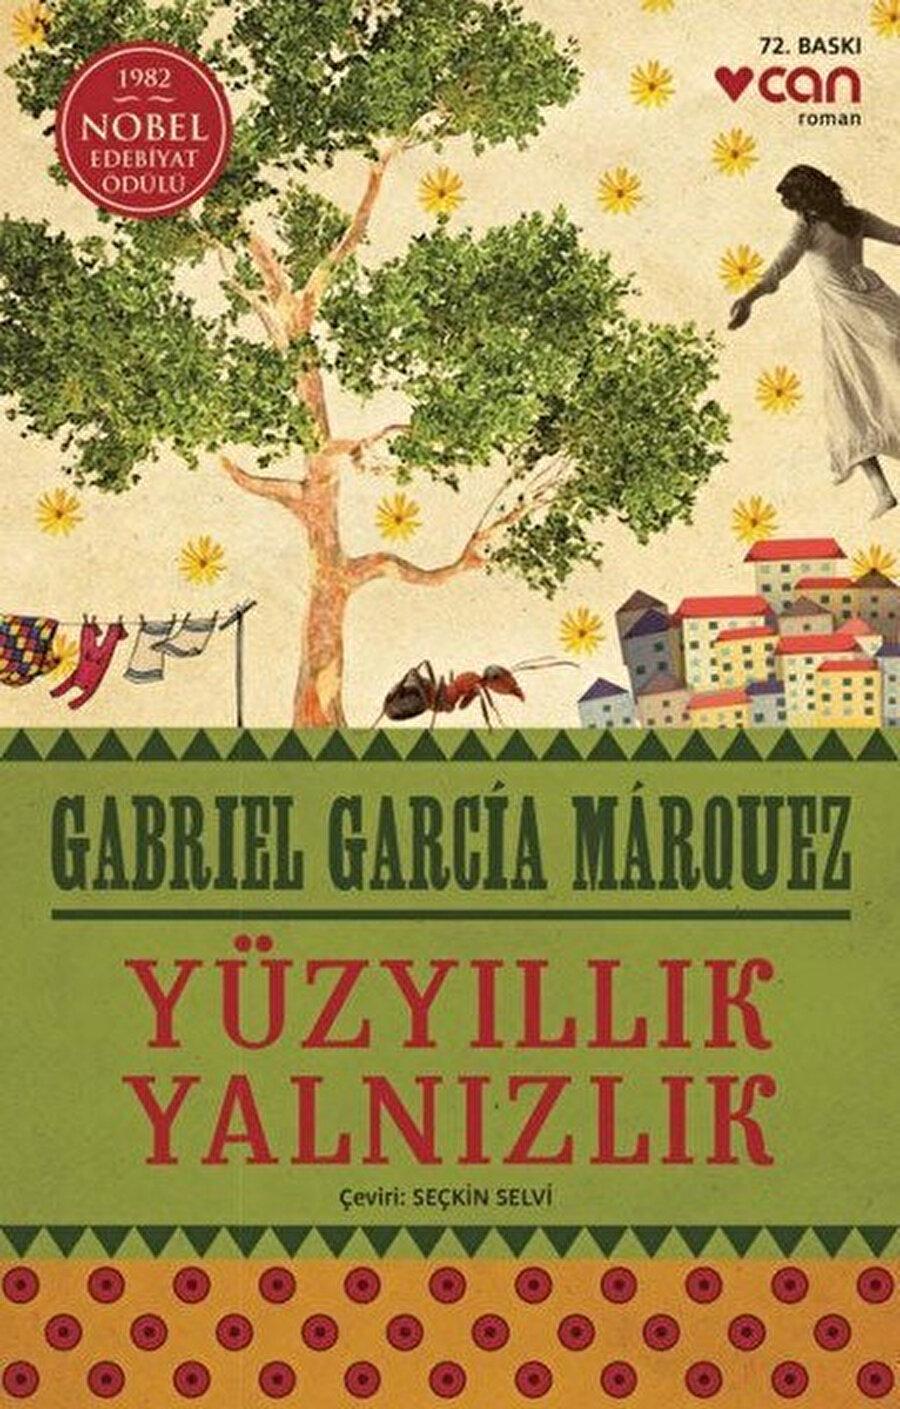 Büyük hikâye, büyük yazar. Gabriel Garcia Marquez. Saygı.